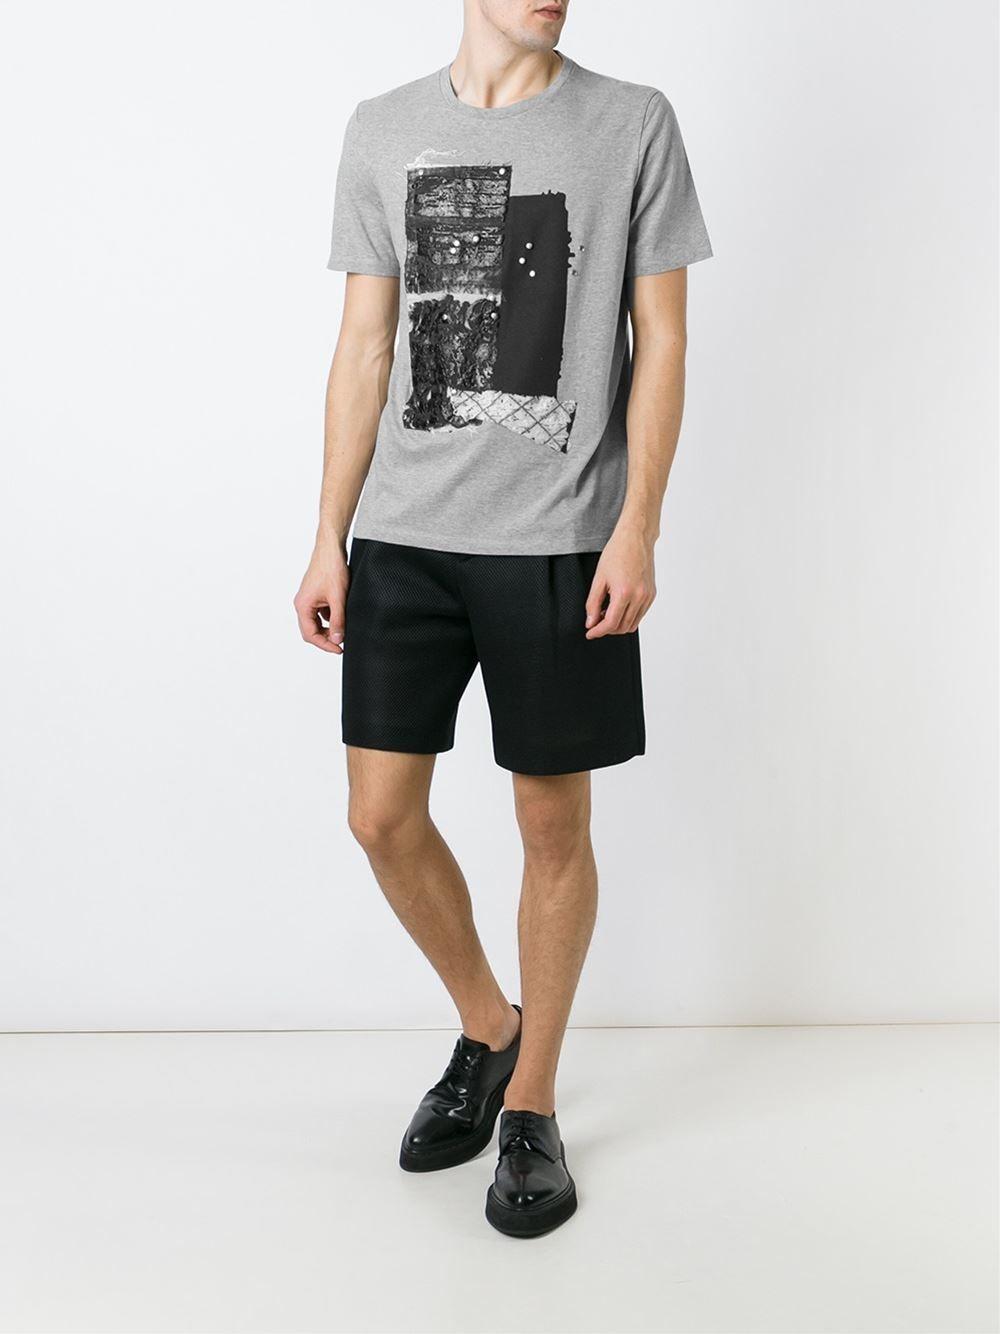 MAISON MARGIELA /// メゾンマルジェラ Textured T-Shirts (Grey) テクスチャードTシャツ グレイ